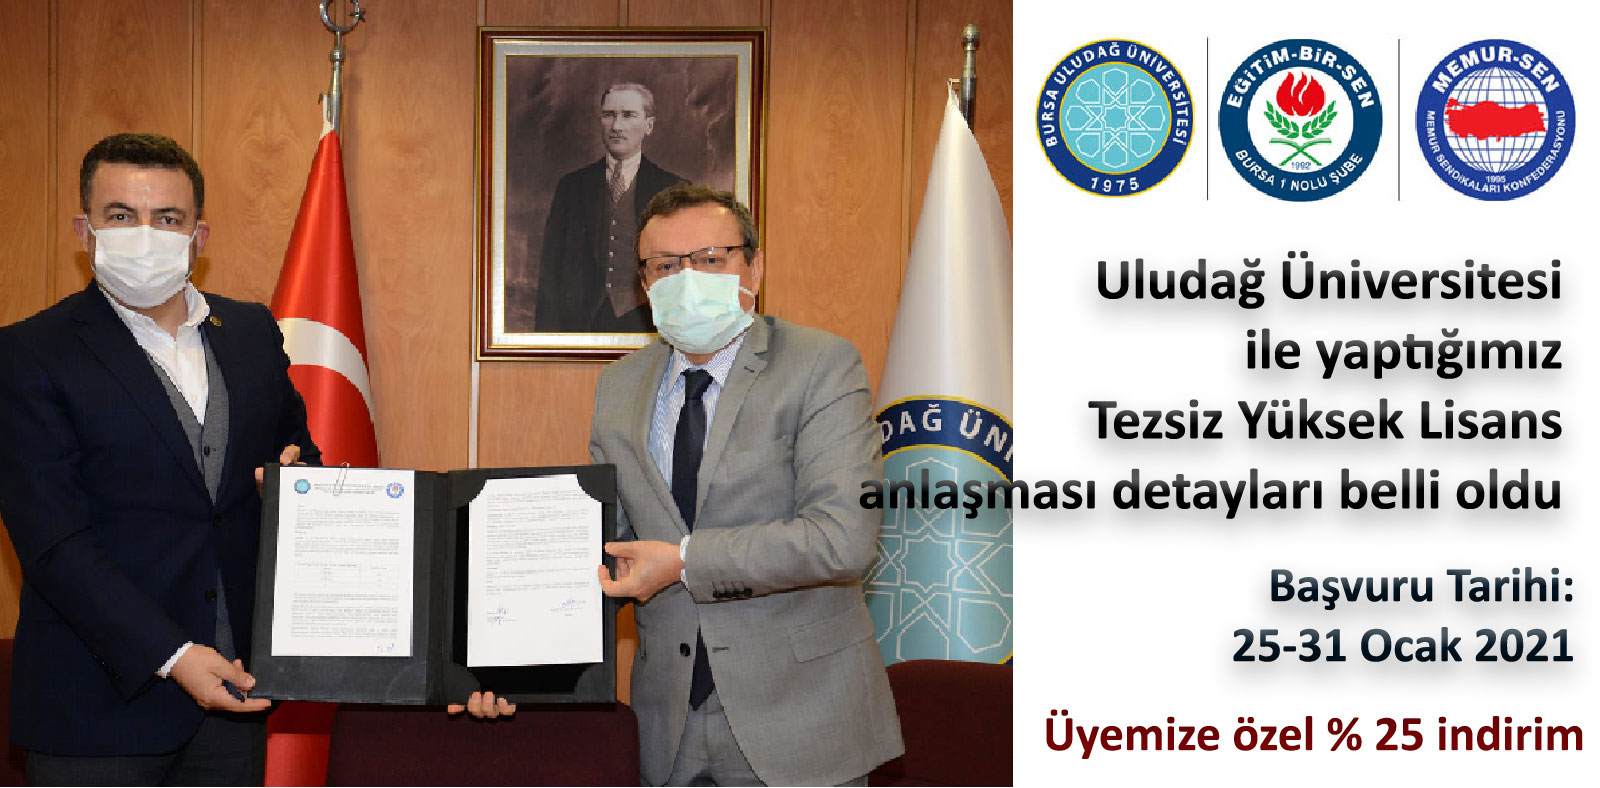 Uludağ Üniversitesi ile yaptığımız Tezsiz Yüksek Lisans indirim anlaşması detayları belli oldu